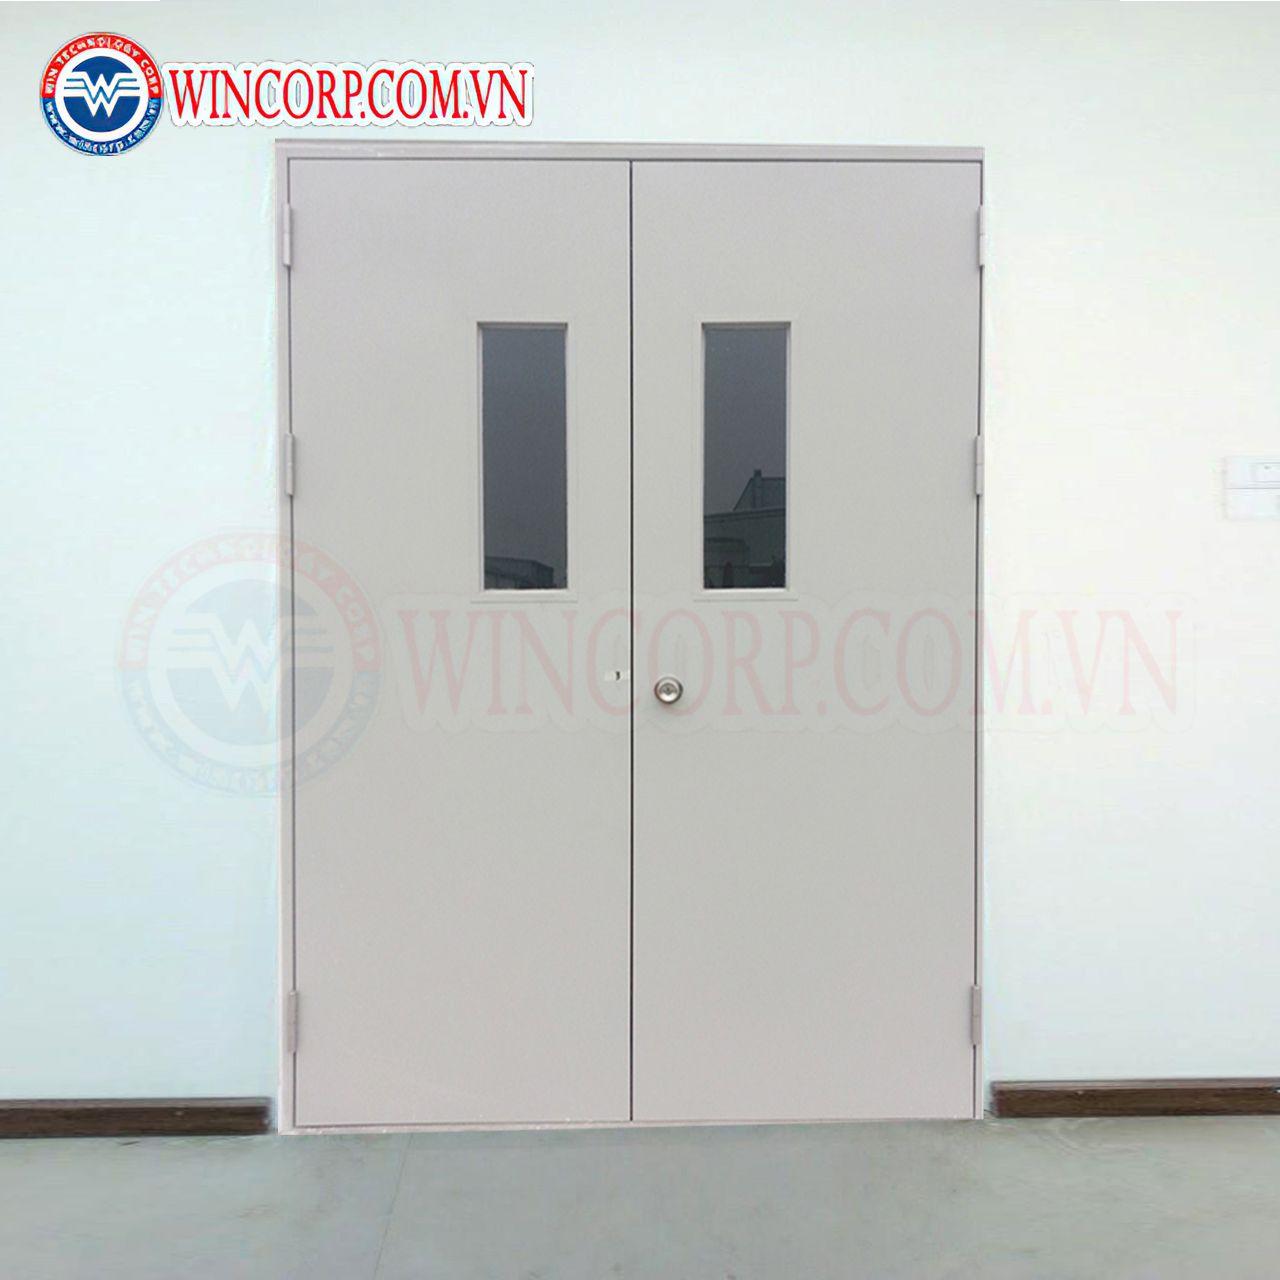 Cửa thép chống cháy TCC.P3G2-C1